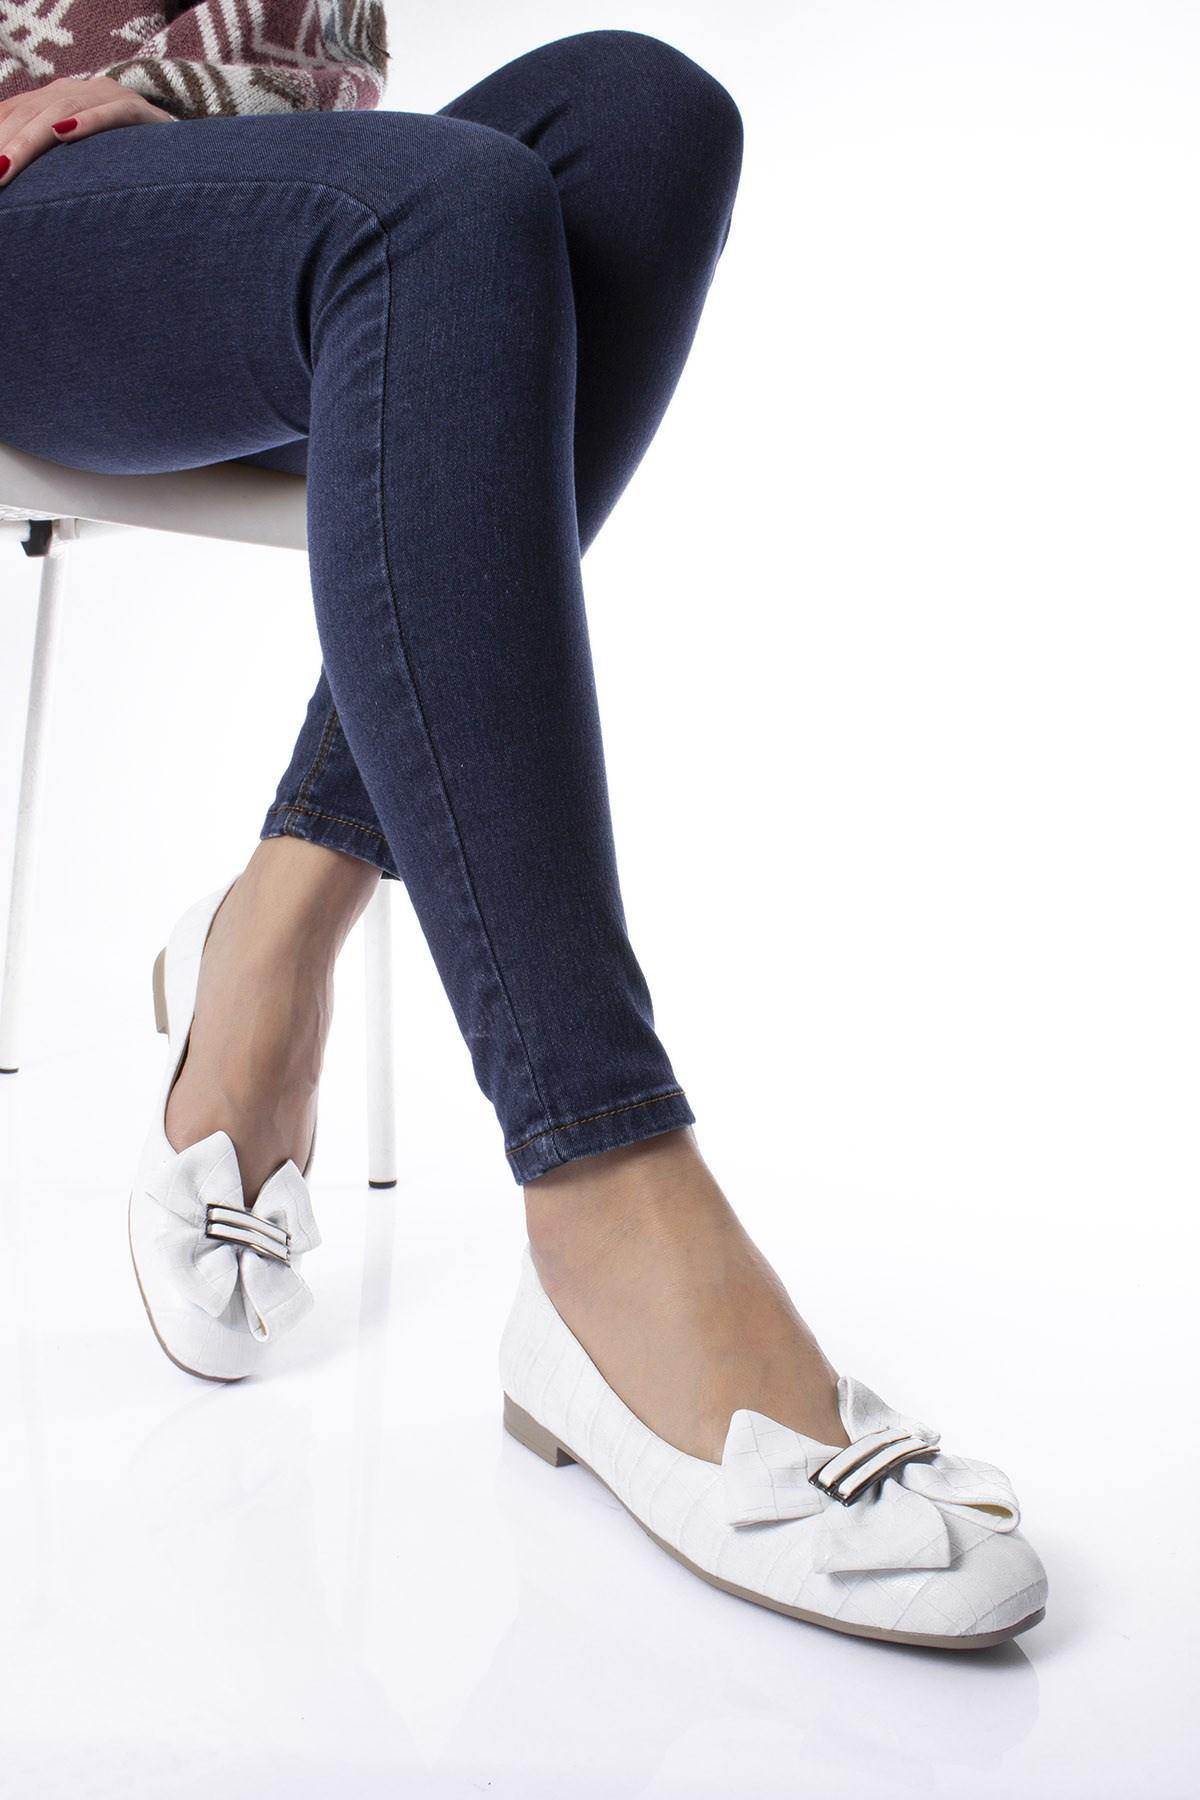 حذاء فلات مزخرف بجلد تمساح أبيض نسائي